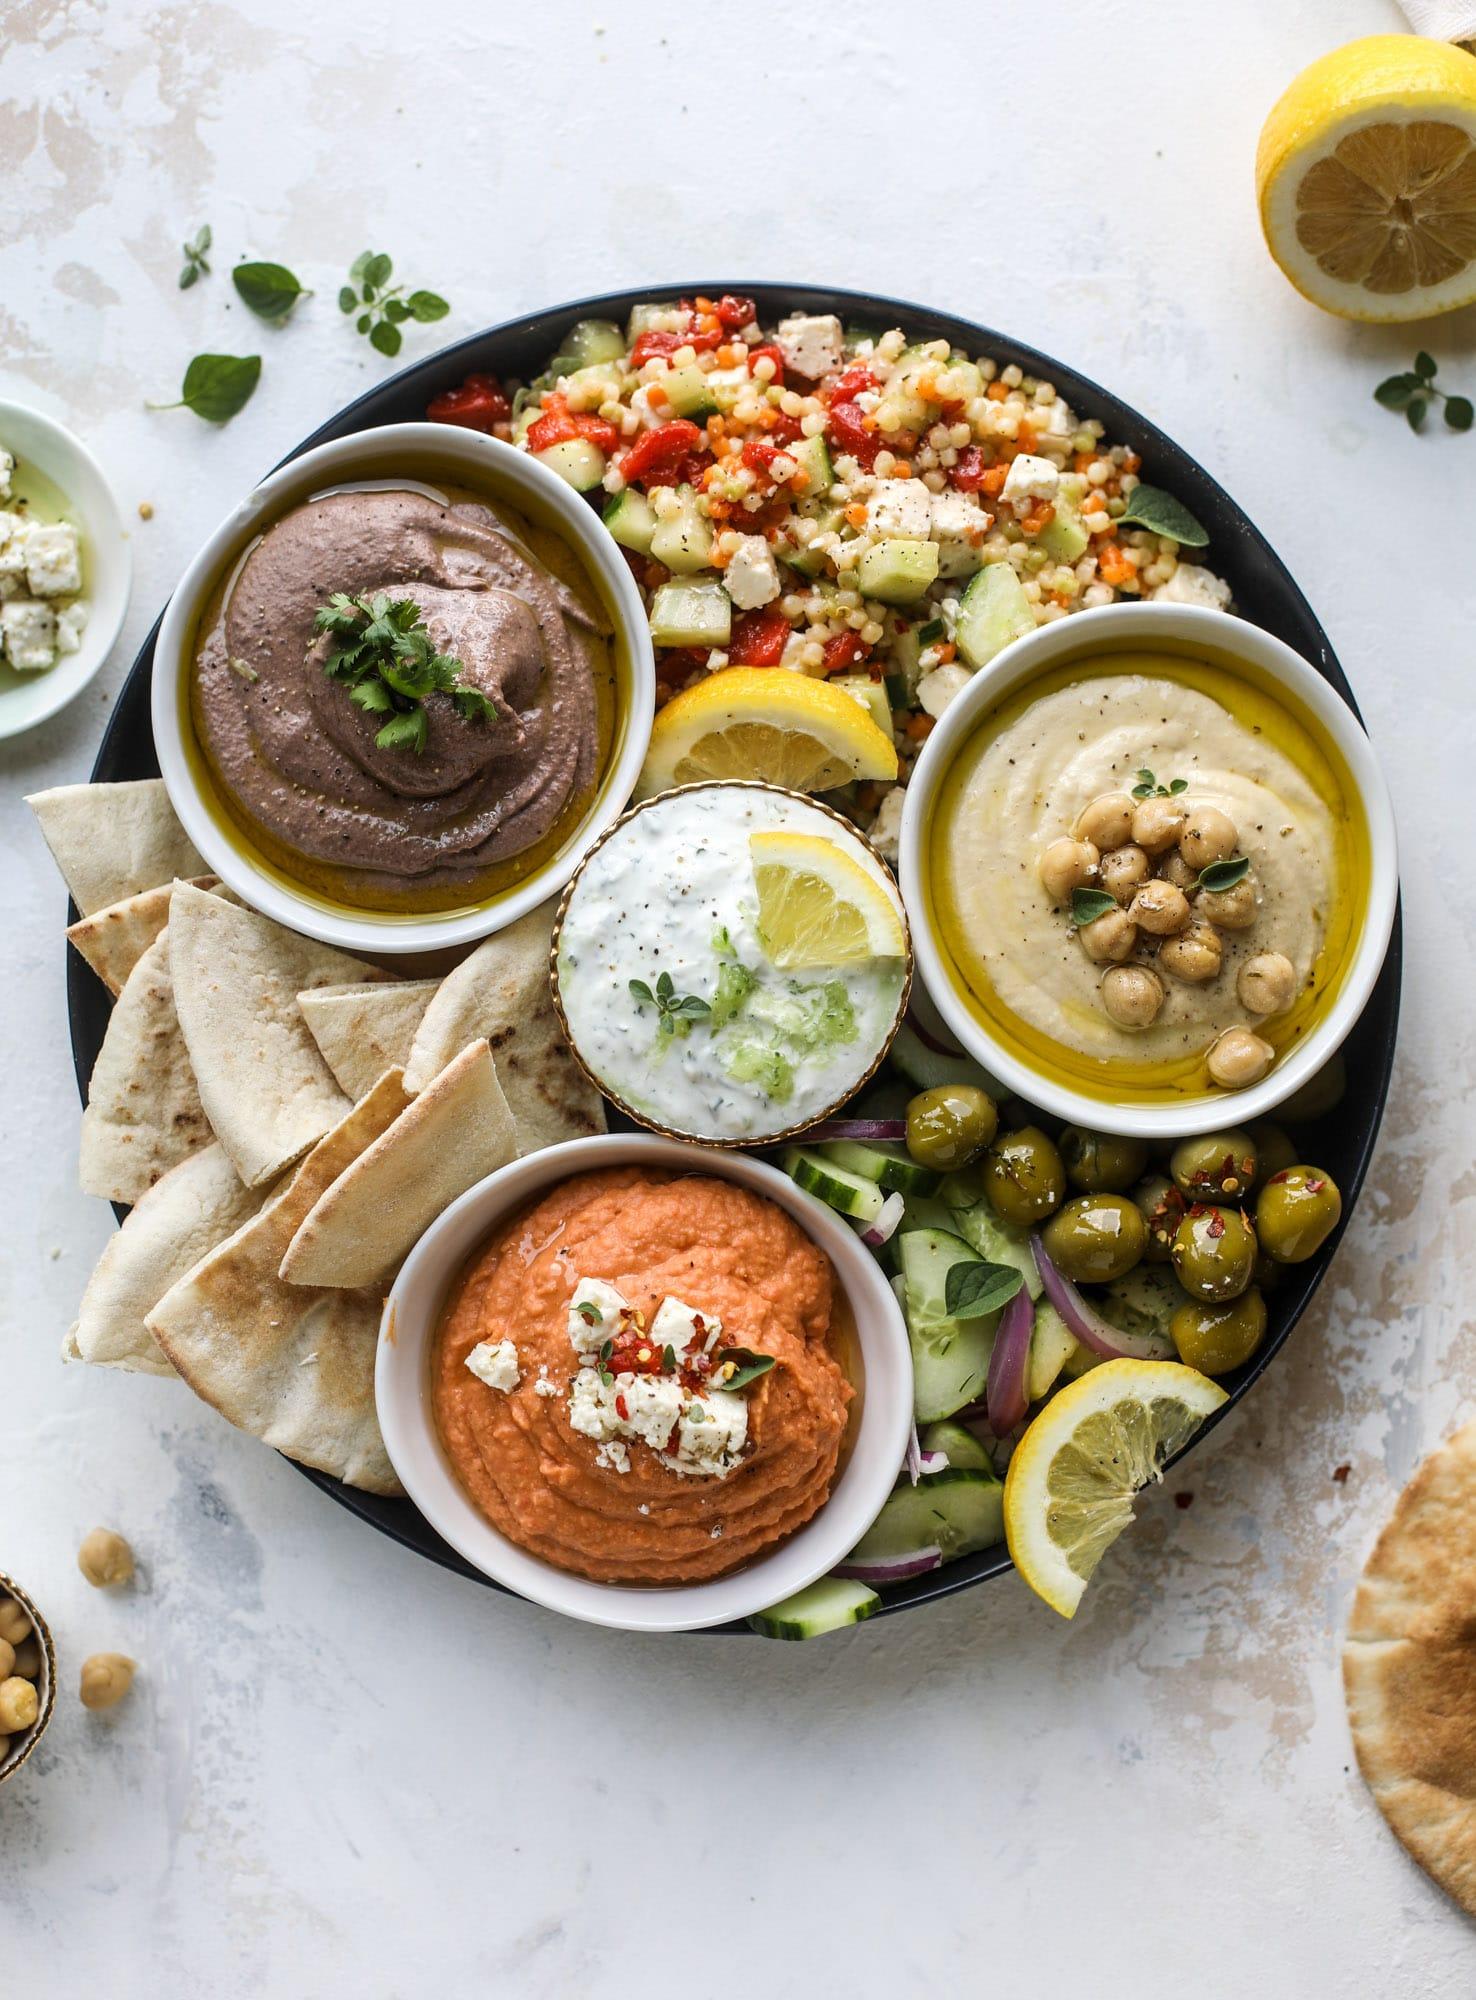 Arabic Restaurants in Goa